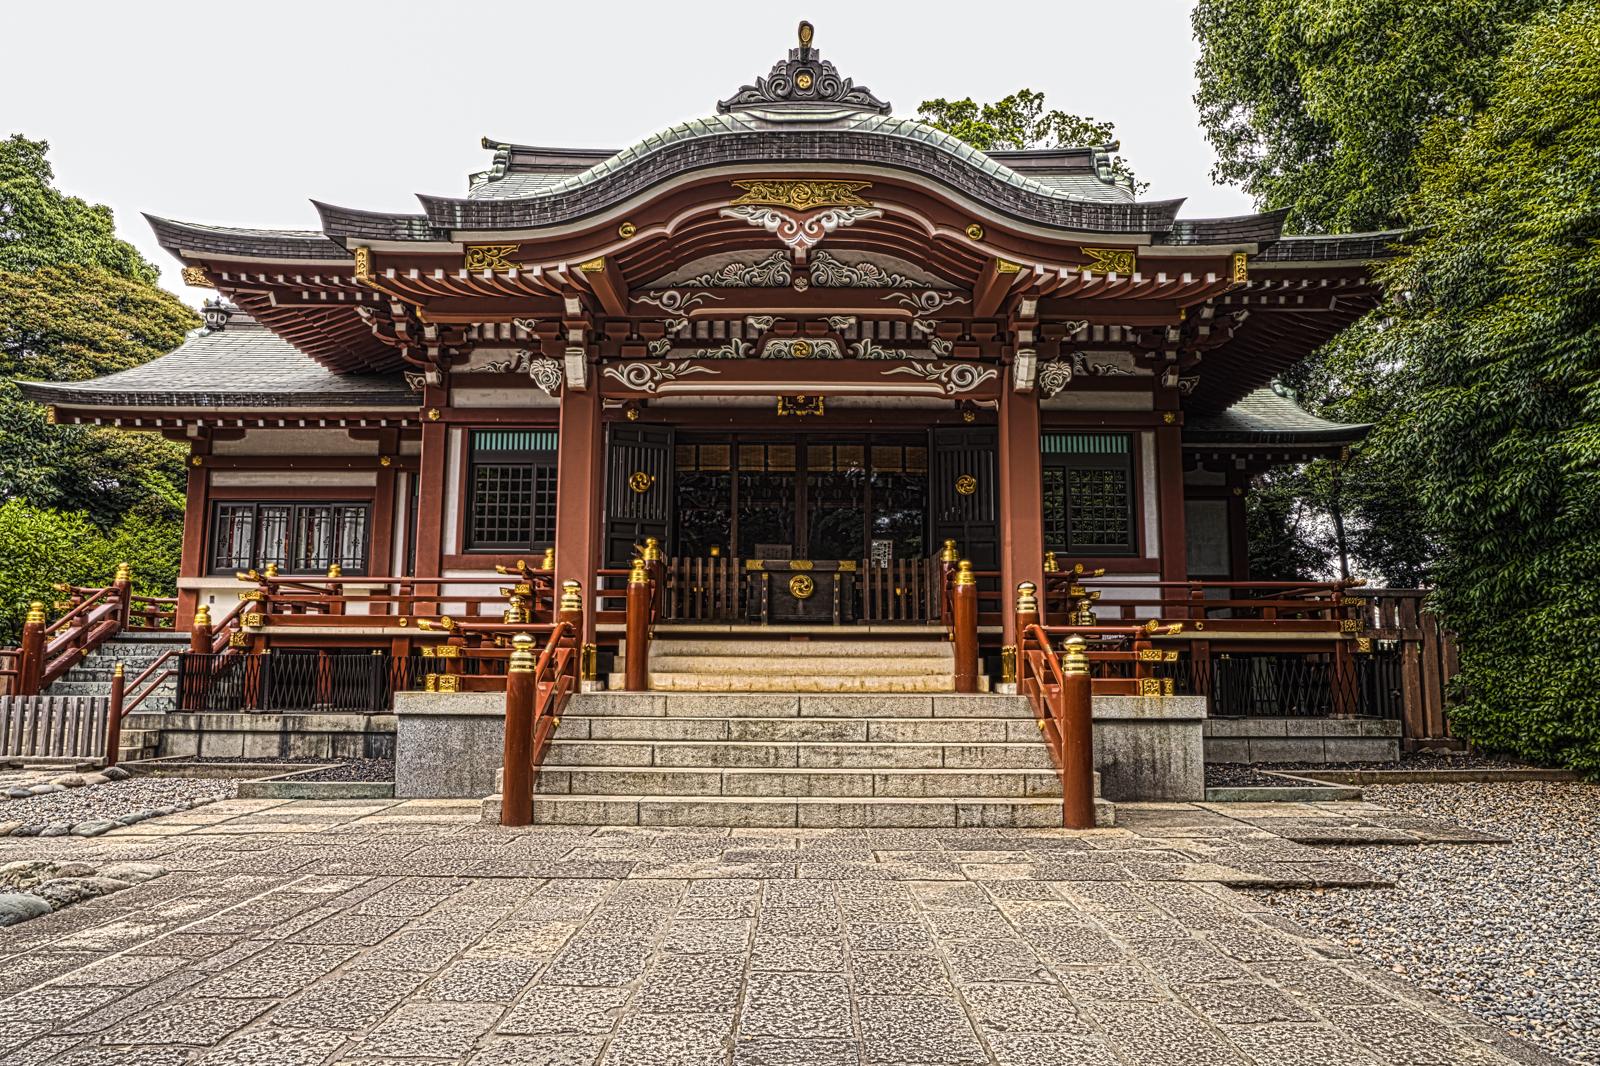 東京都武蔵野市吉祥寺、武蔵野八幡宮のHDR写真